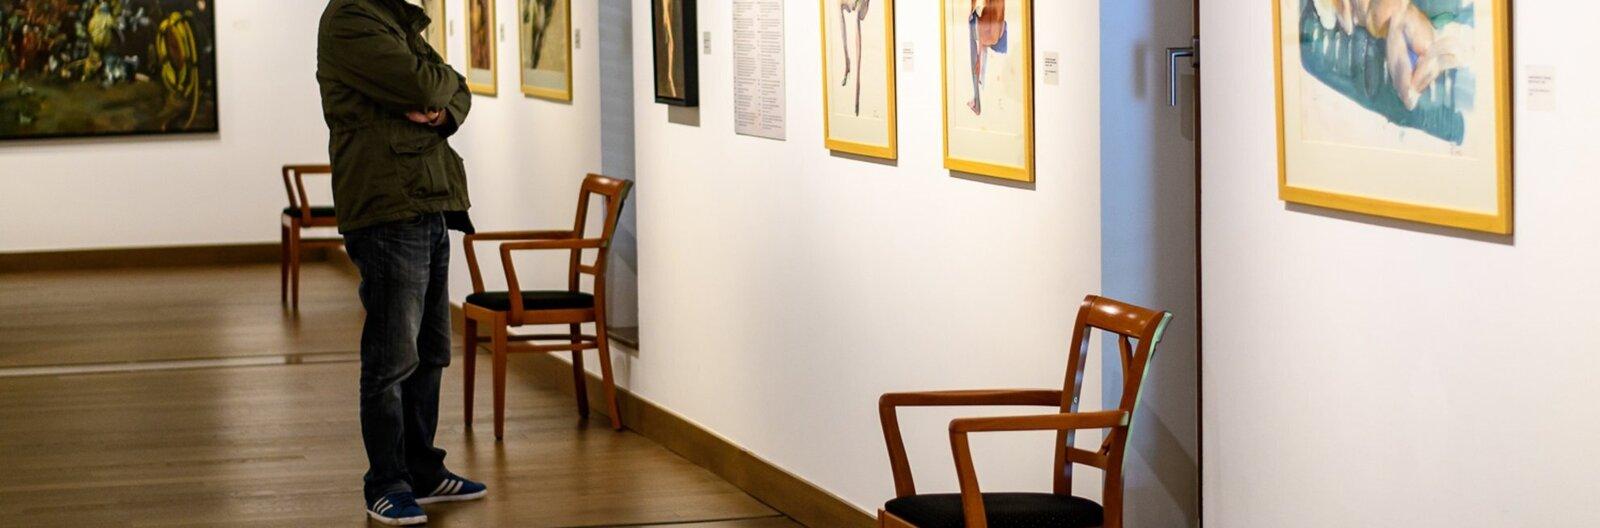 Irány a múzeum! – Öt balatoni program, amire érdemes elmenni a Múzeumok Éjszakáján